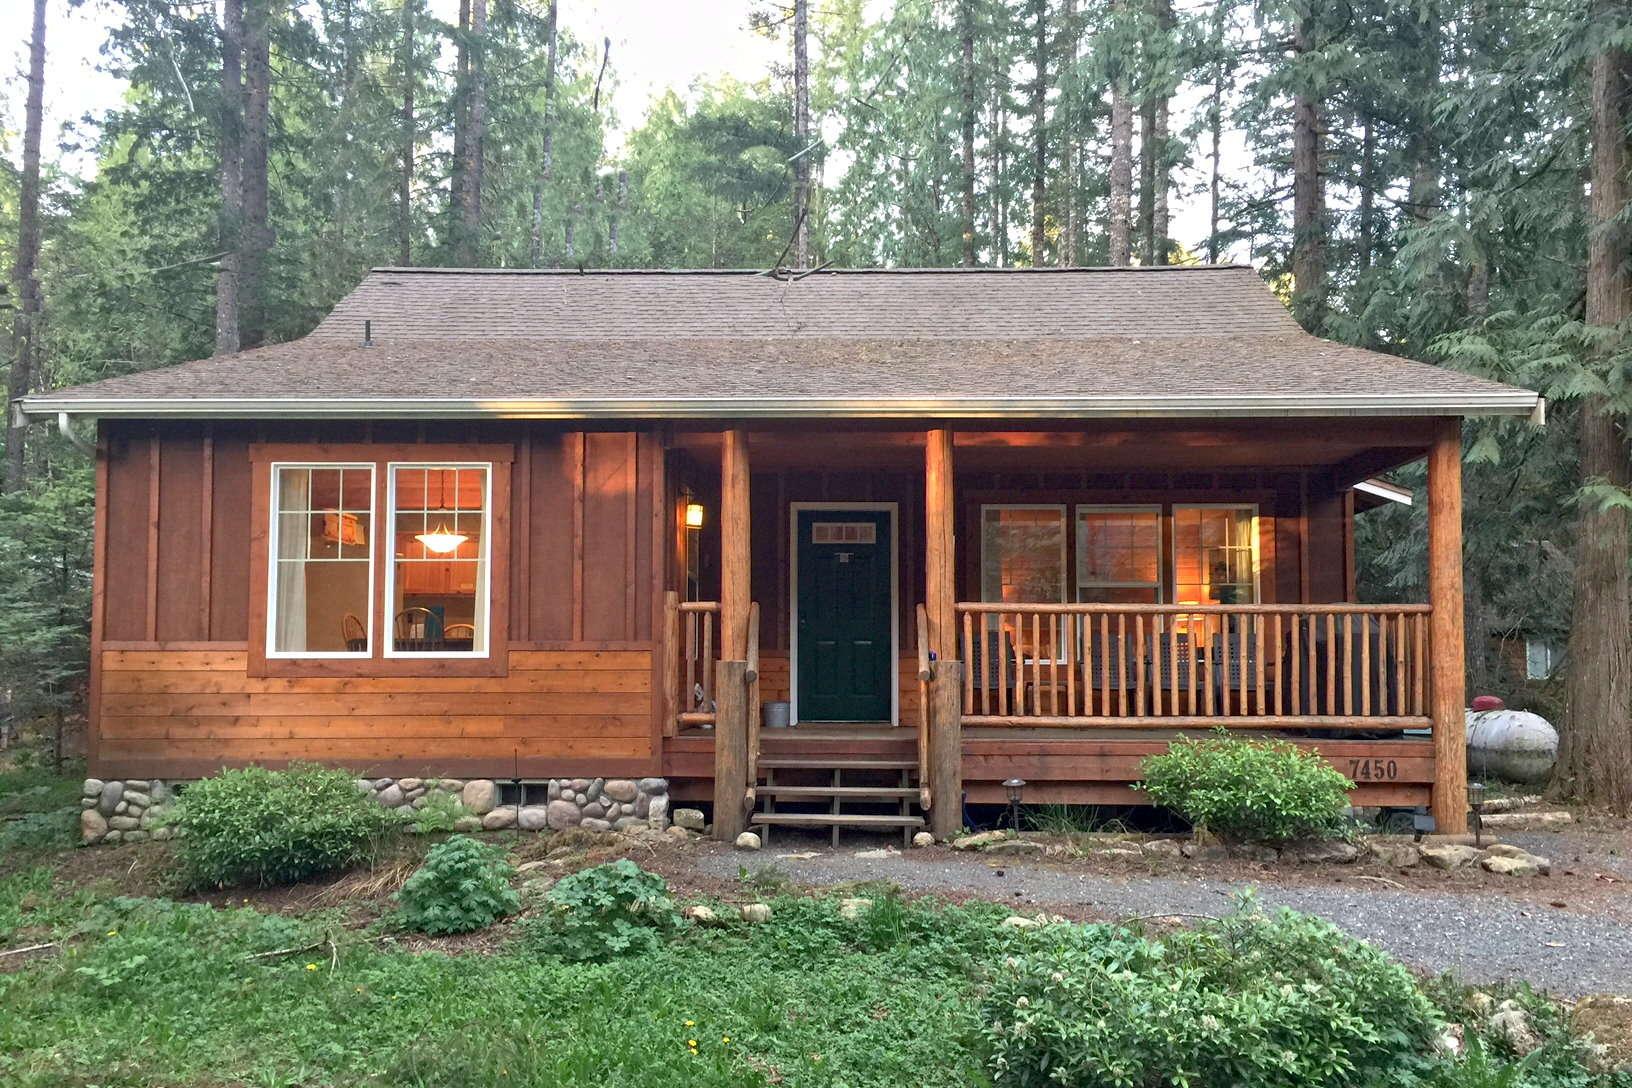 Mt baker lodging cabin 95 mt baker lodging wa 24 for Mount baker cabins